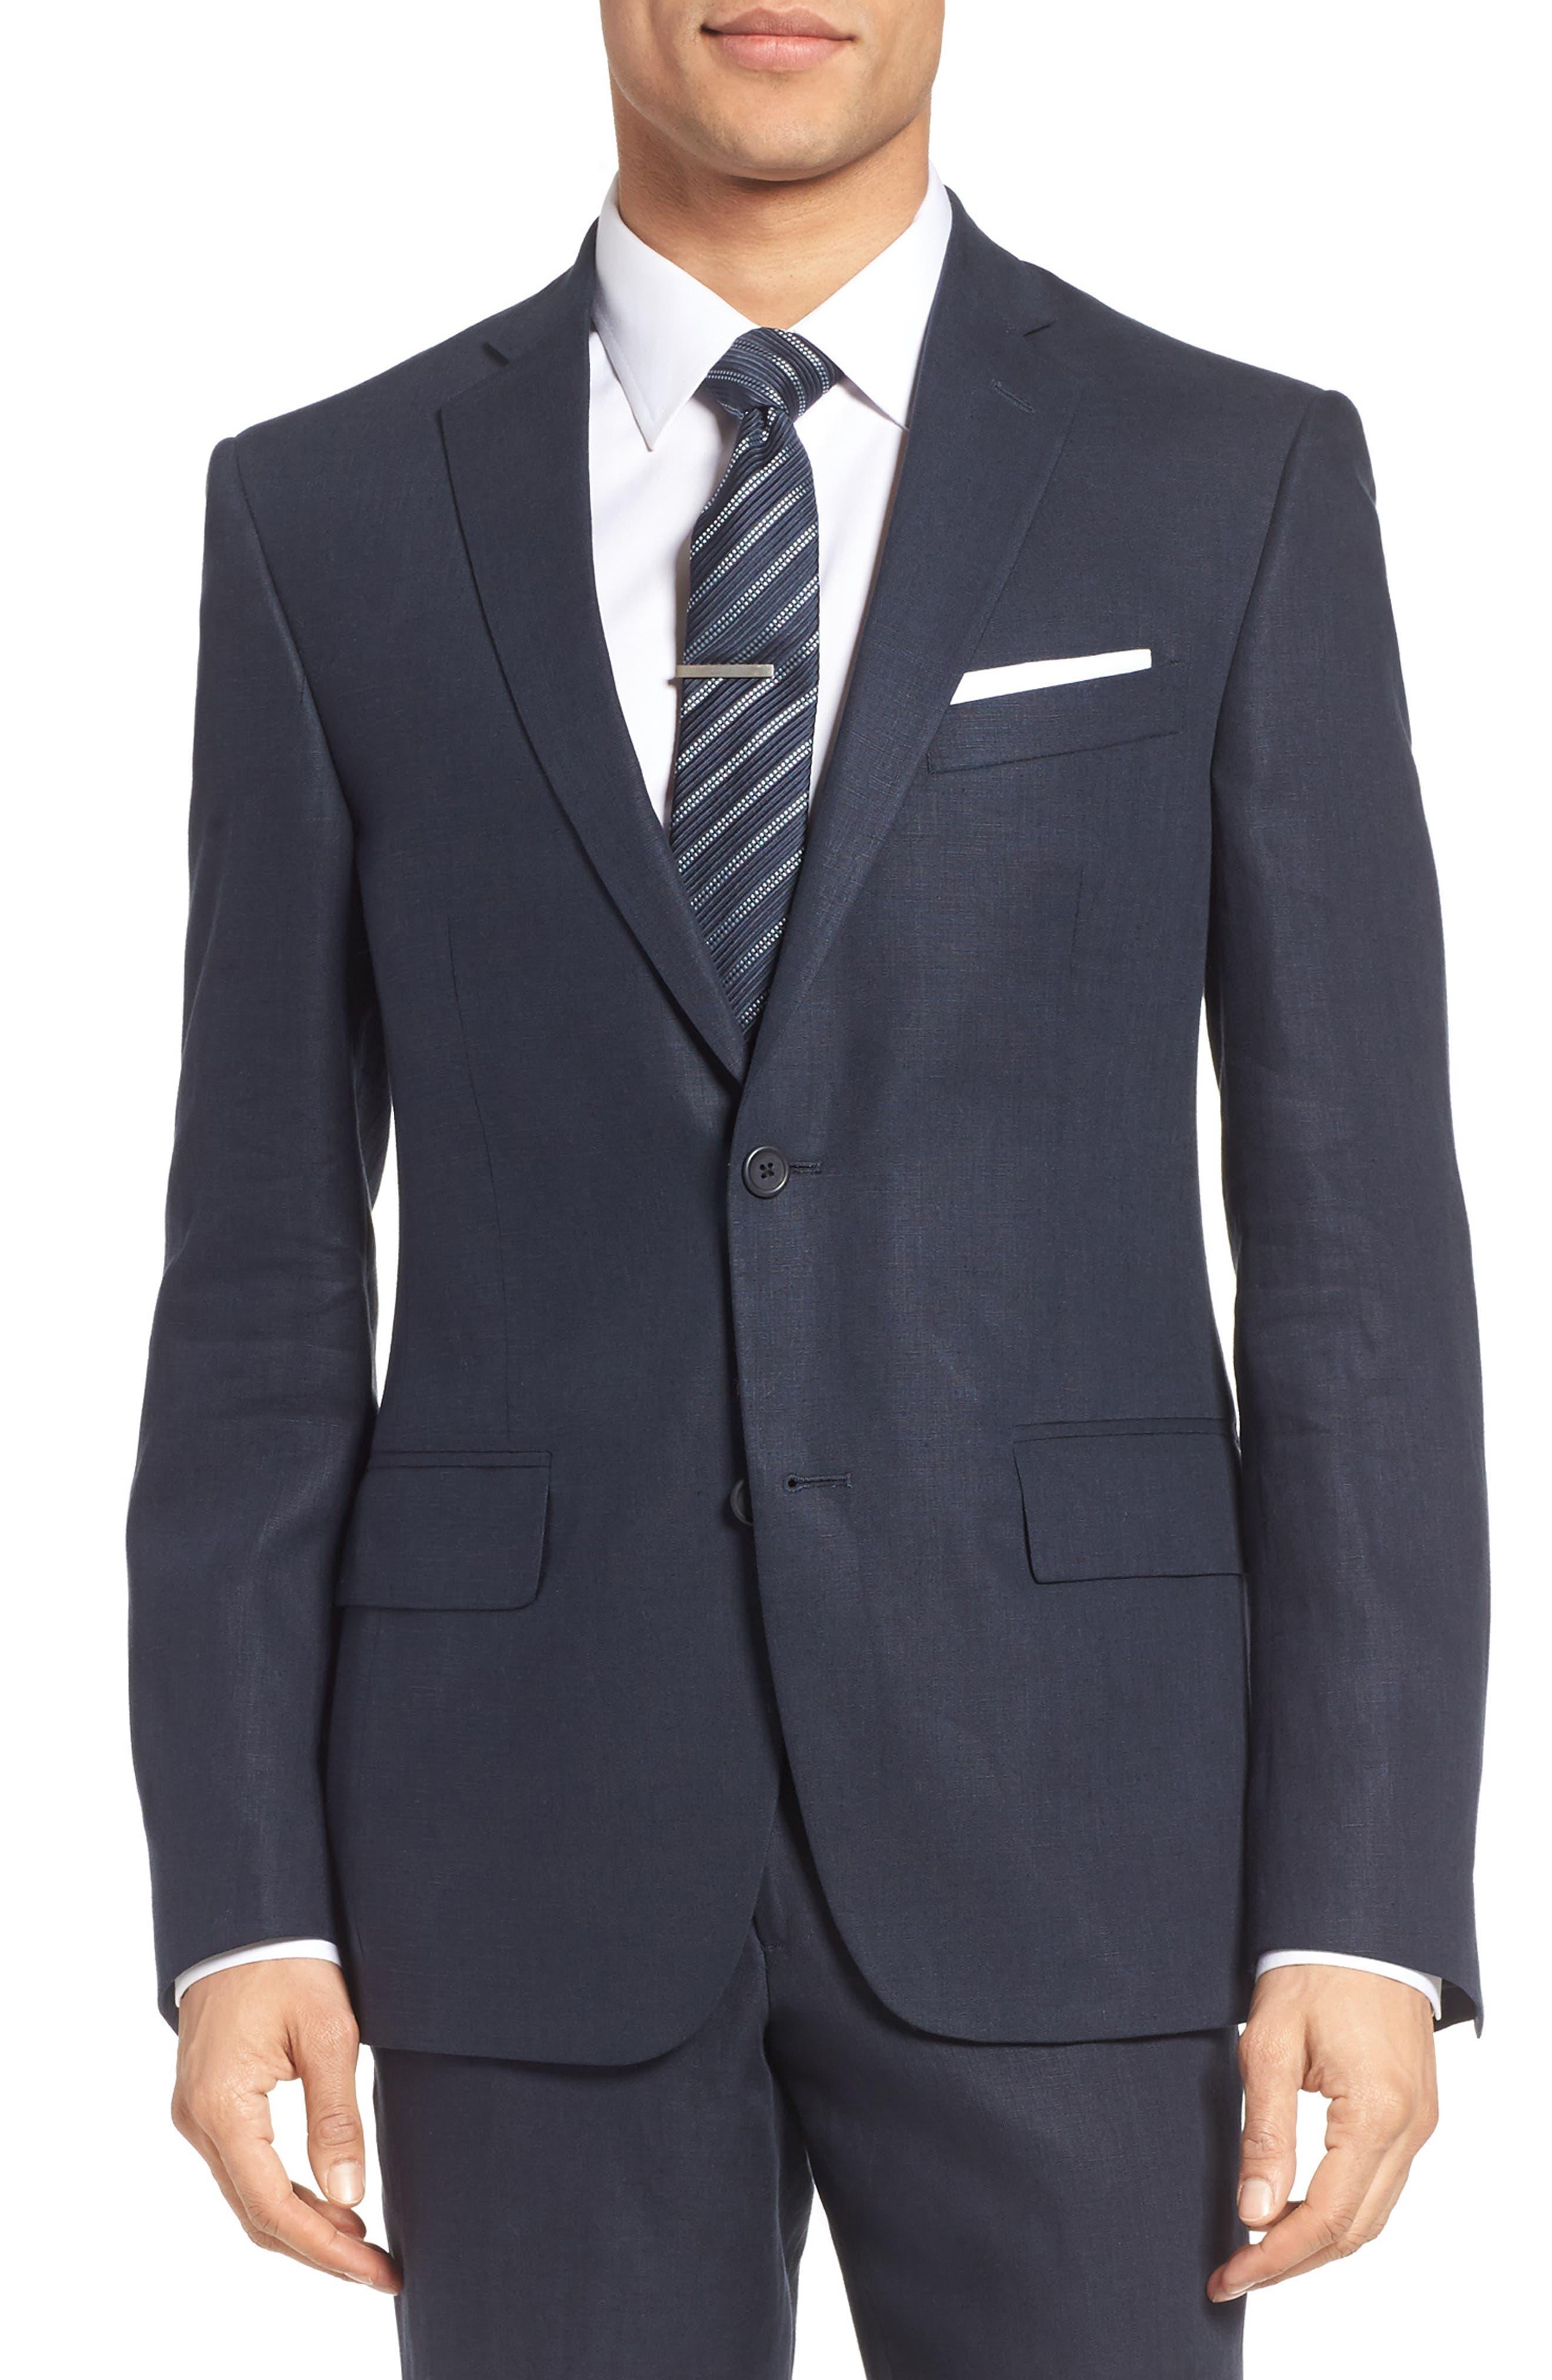 Suit jacket - Suit Jacket 25